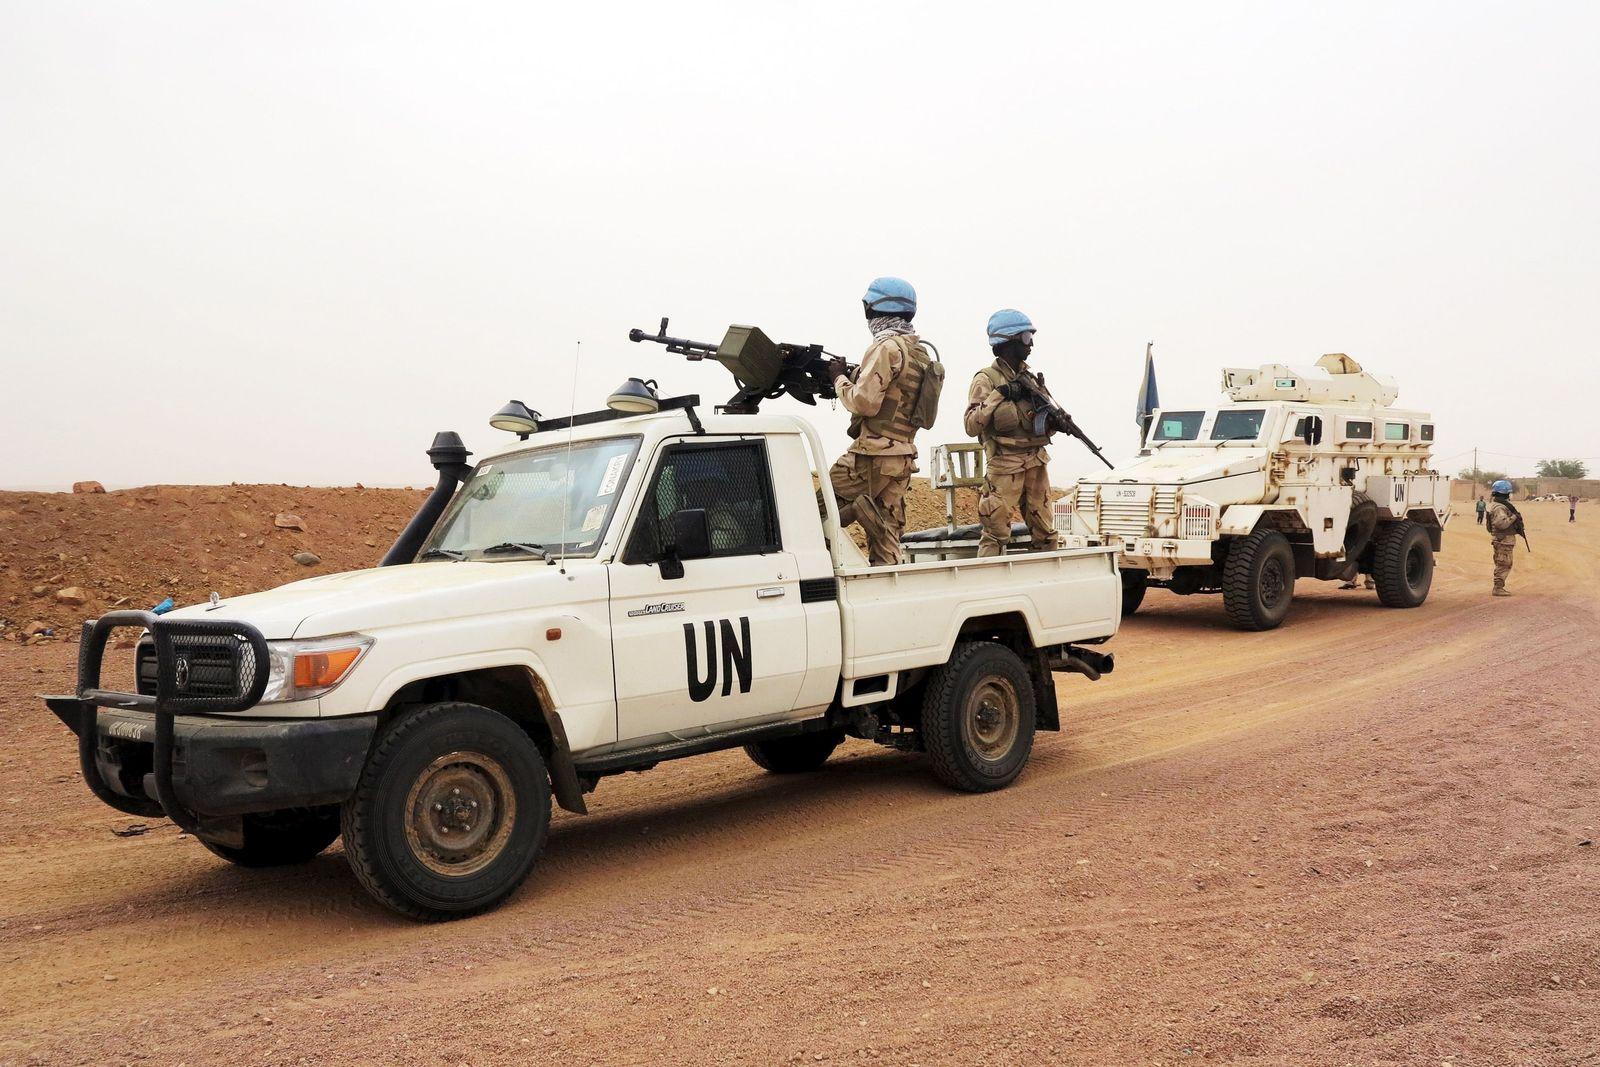 Mali/ Blauhelmsoldaten